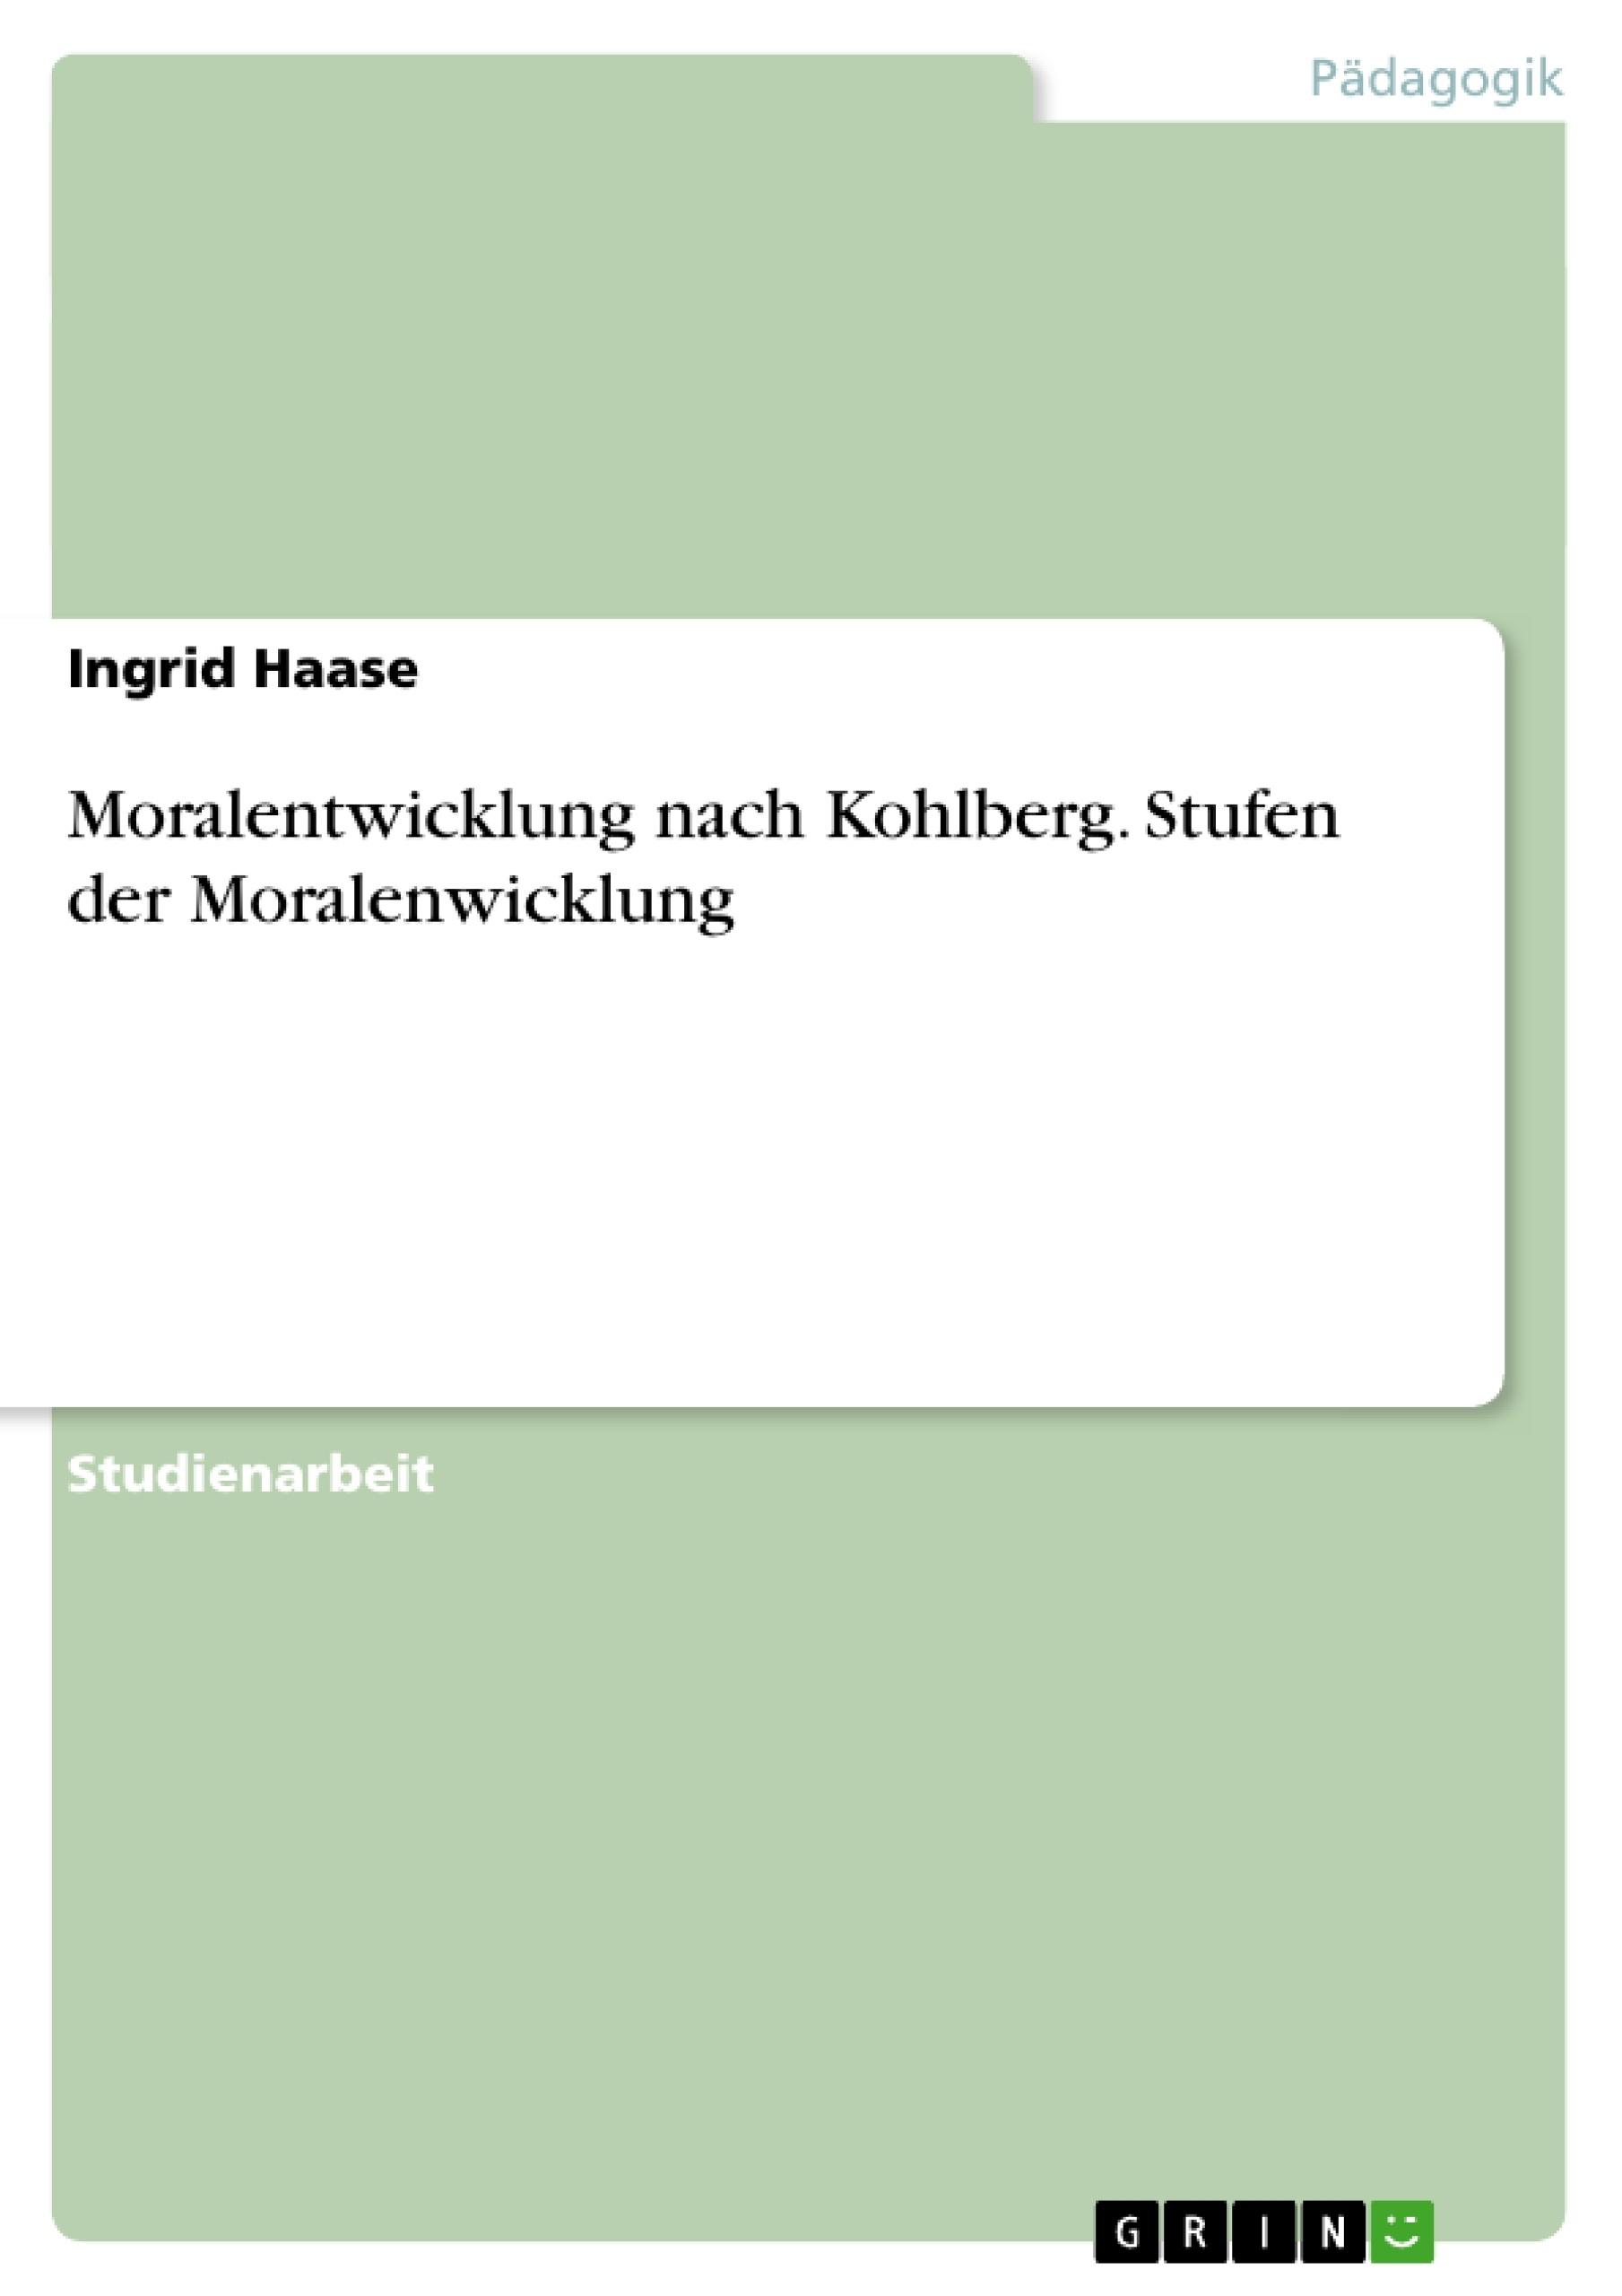 Titel: Moralentwicklung nach Kohlberg. Stufen der Moralenwicklung